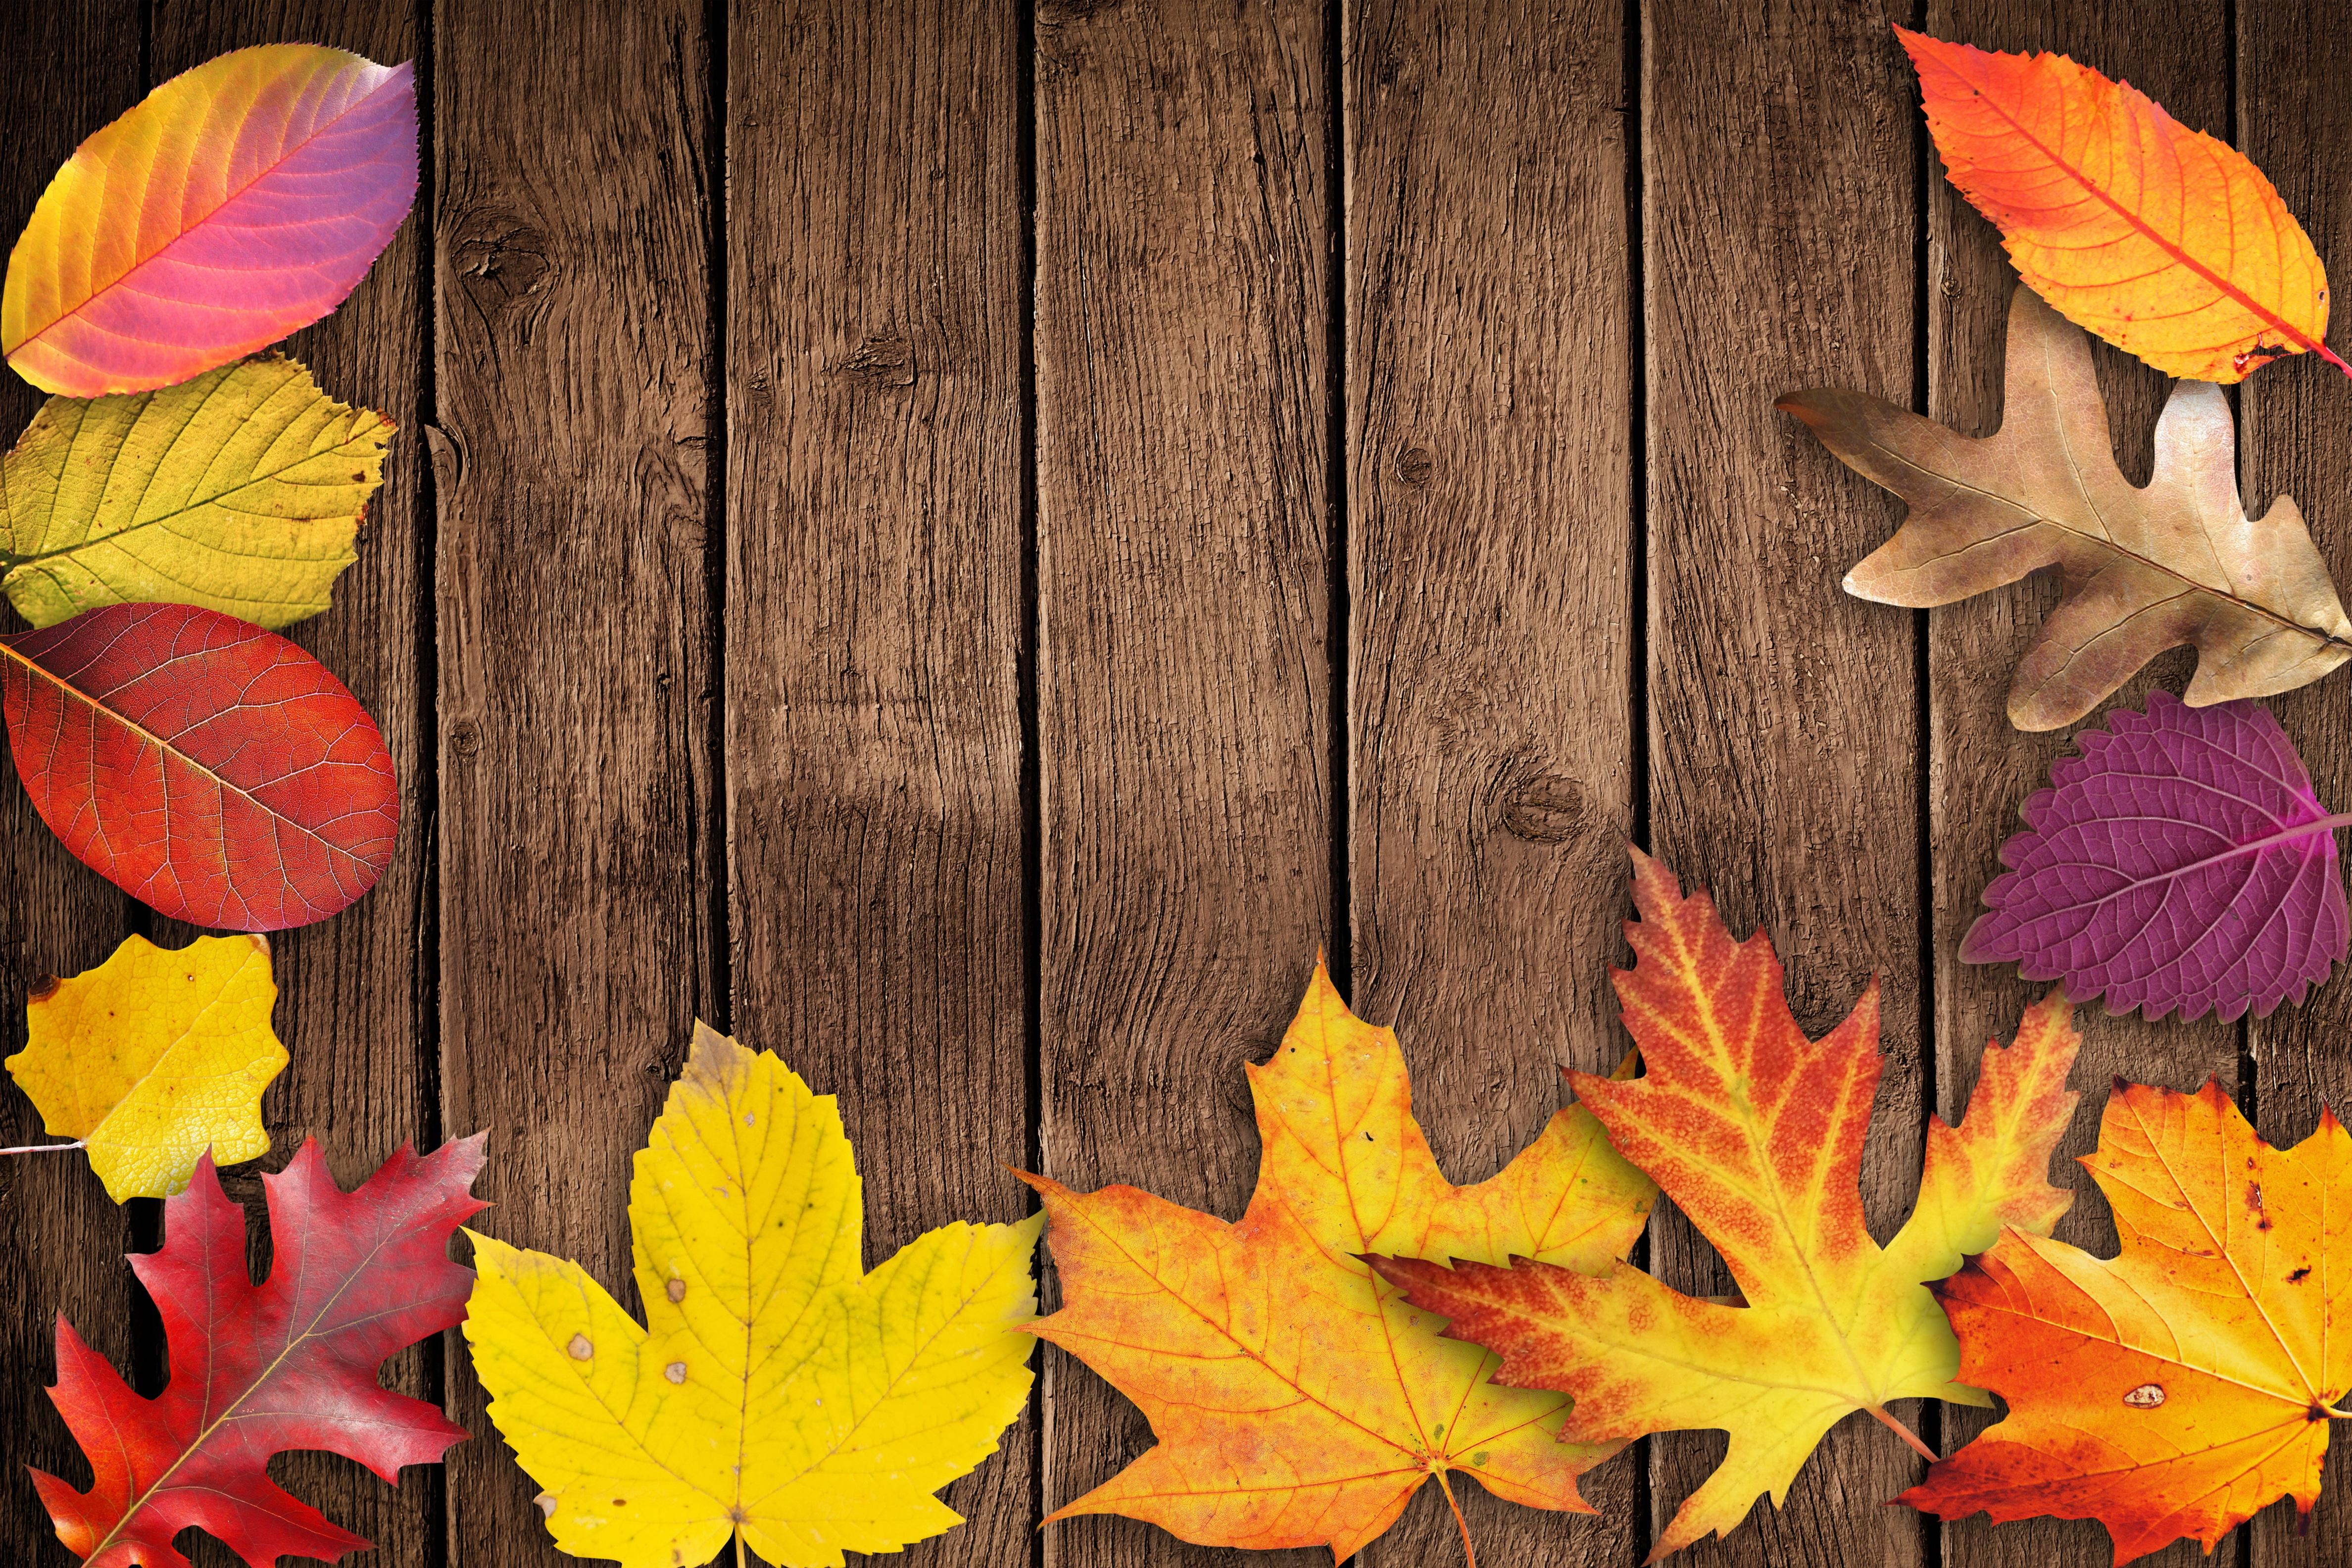 230d1952052 Gratis billeder : træ, plante, blomst, kronblad, fest, farve, banner,  farverig, gul, flora, sæson, kort, ahorn blad, glad, blade, kunst,  festival, baggrund, ...